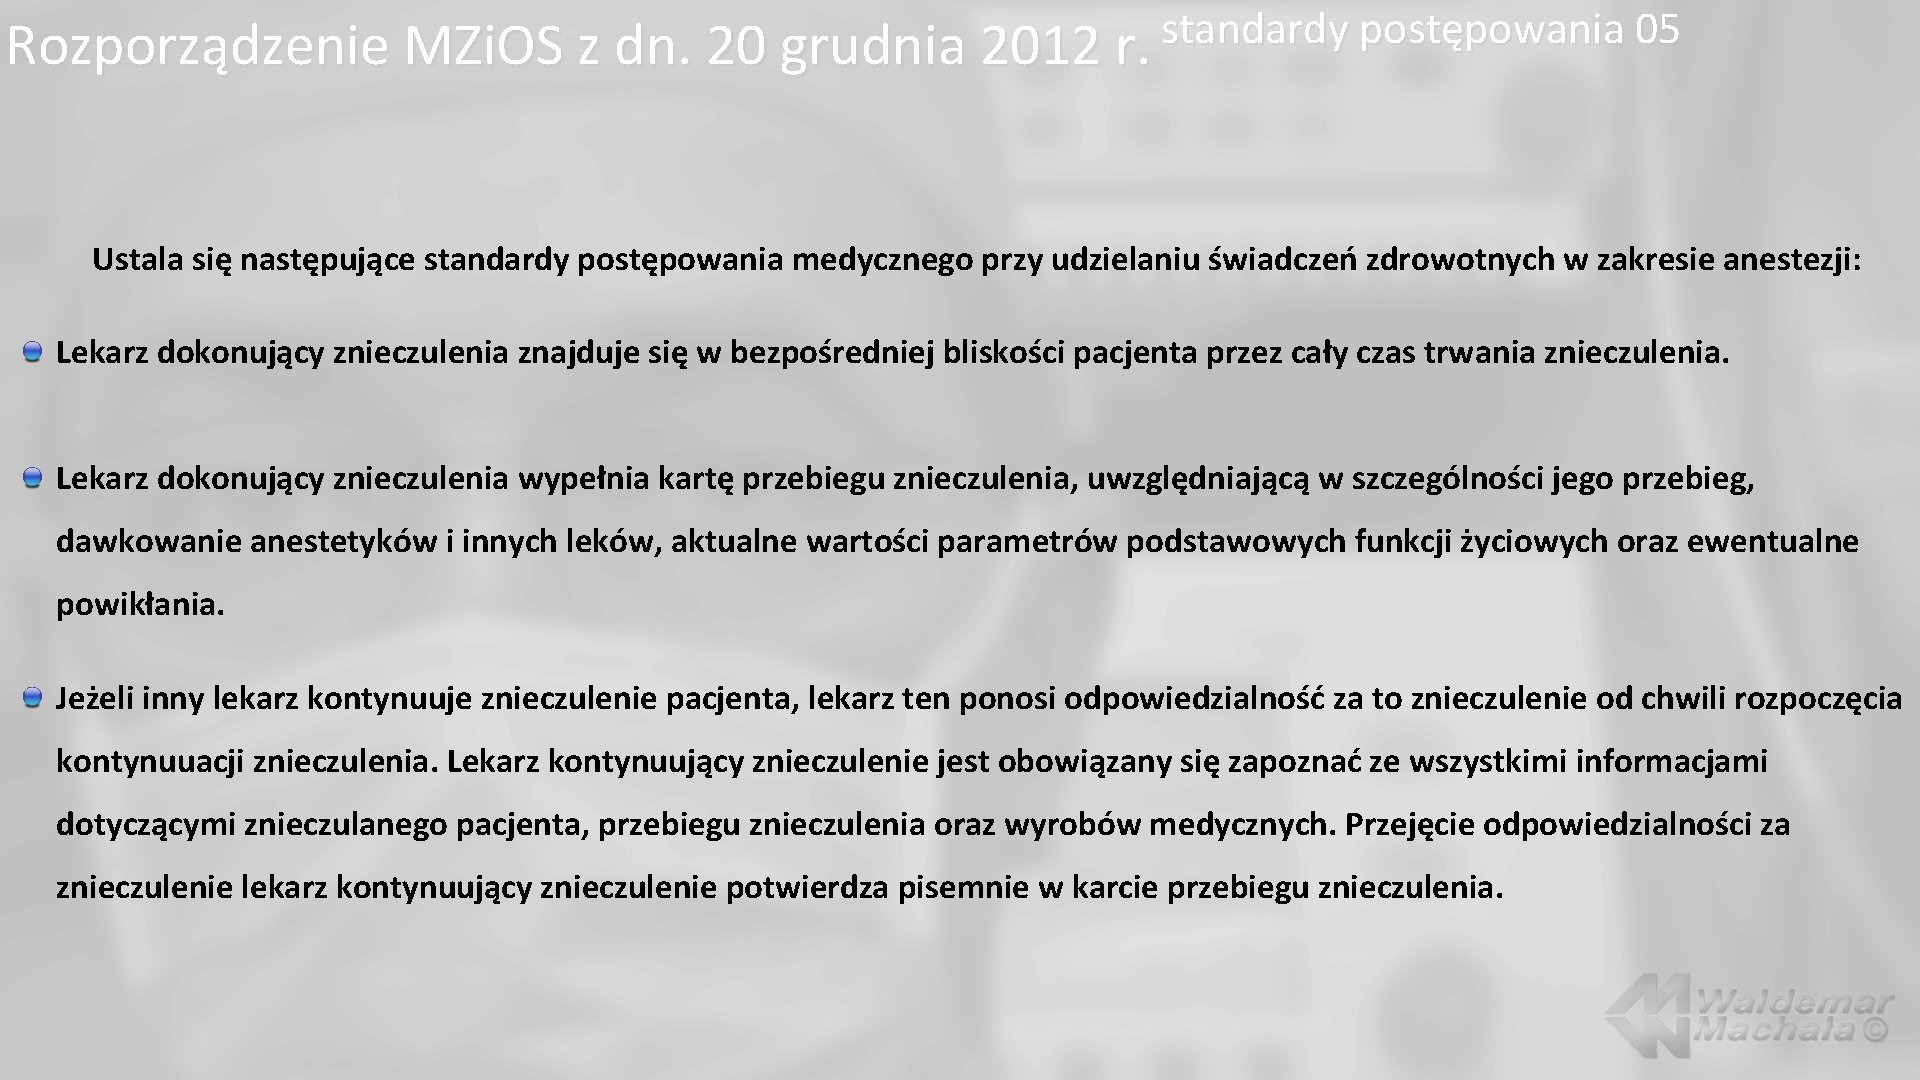 standardy postępowania 05 Rozporządzenie MZi. OS z dn. 20 grudnia 2012 r. Ustala się